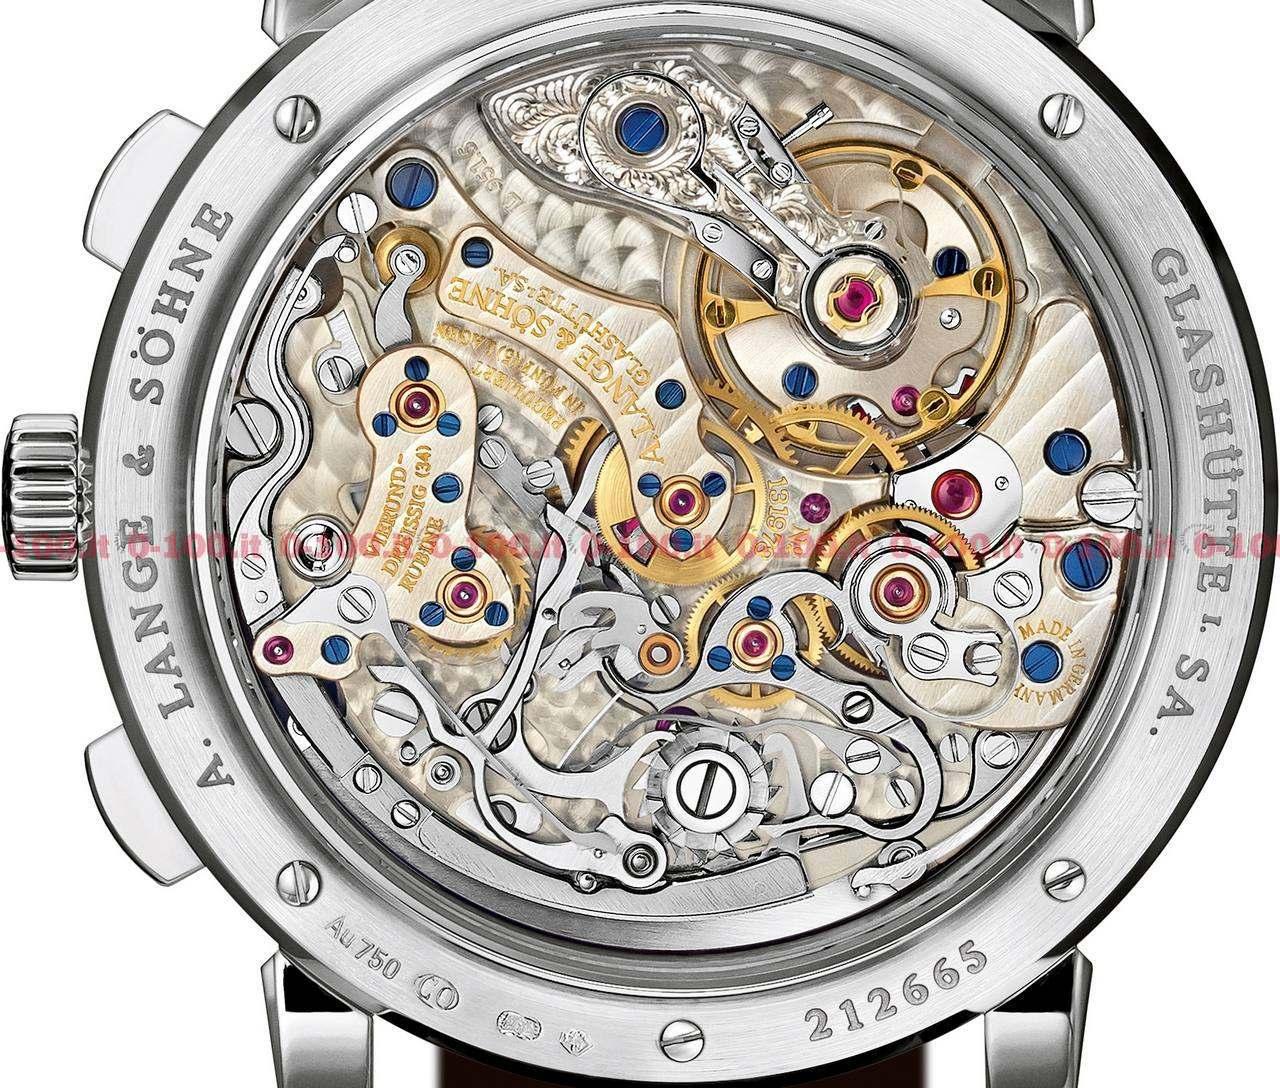 PRIMO CONTATTO A. Lange & Söhne 1815 cronografo_prezzo_price_0-10011